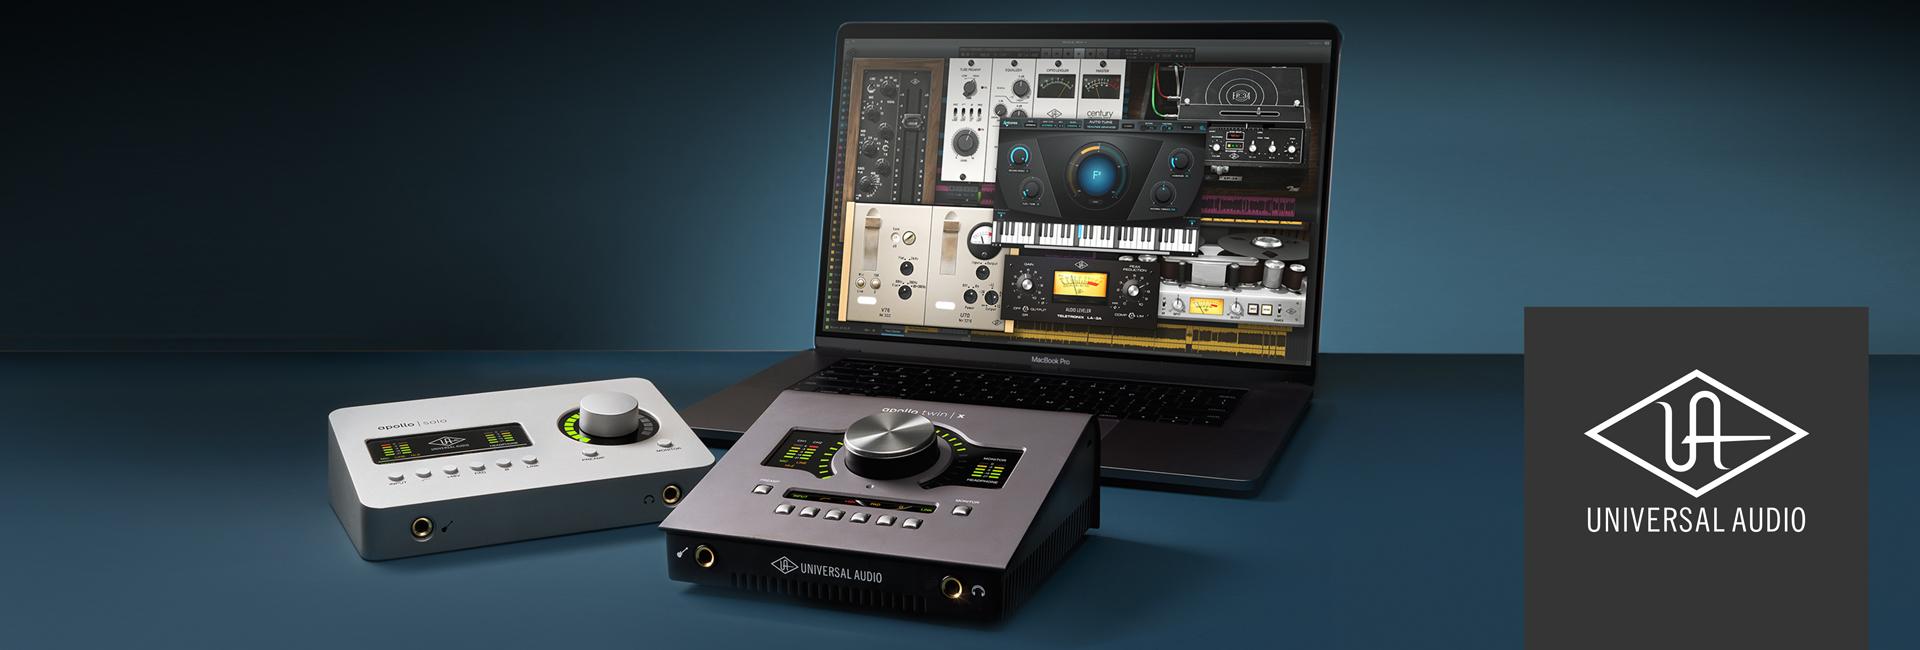 Pobierz darmowe wtyczki z Universal Audio